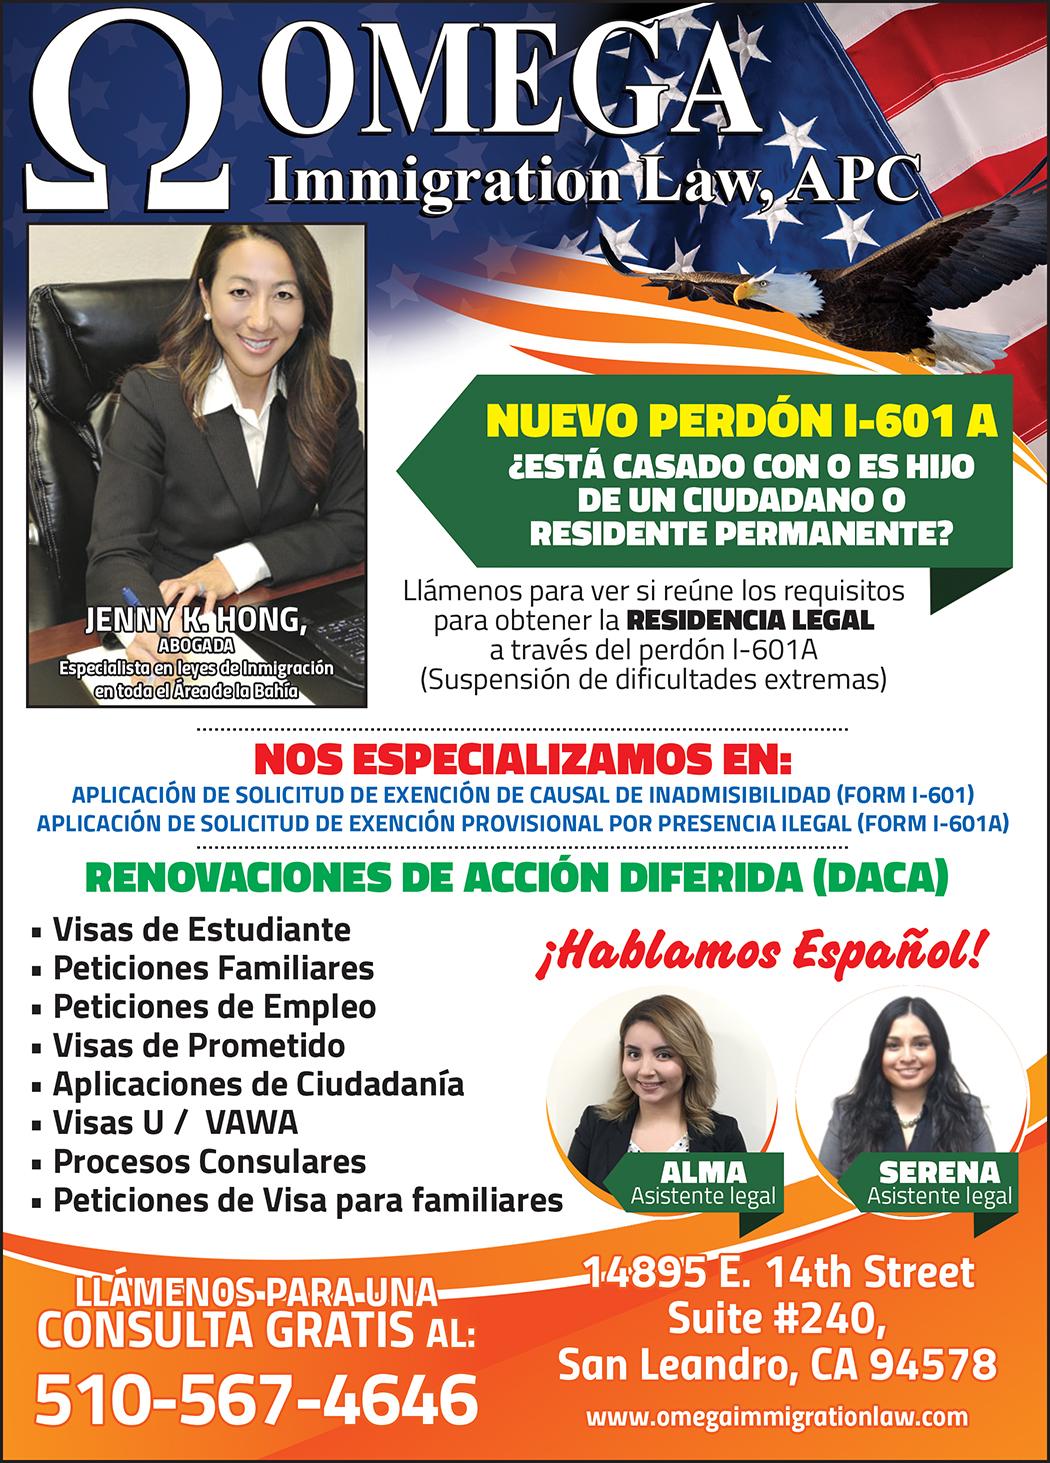 Omega Immigration Law APC 1 pag Agosto 2018.jpg